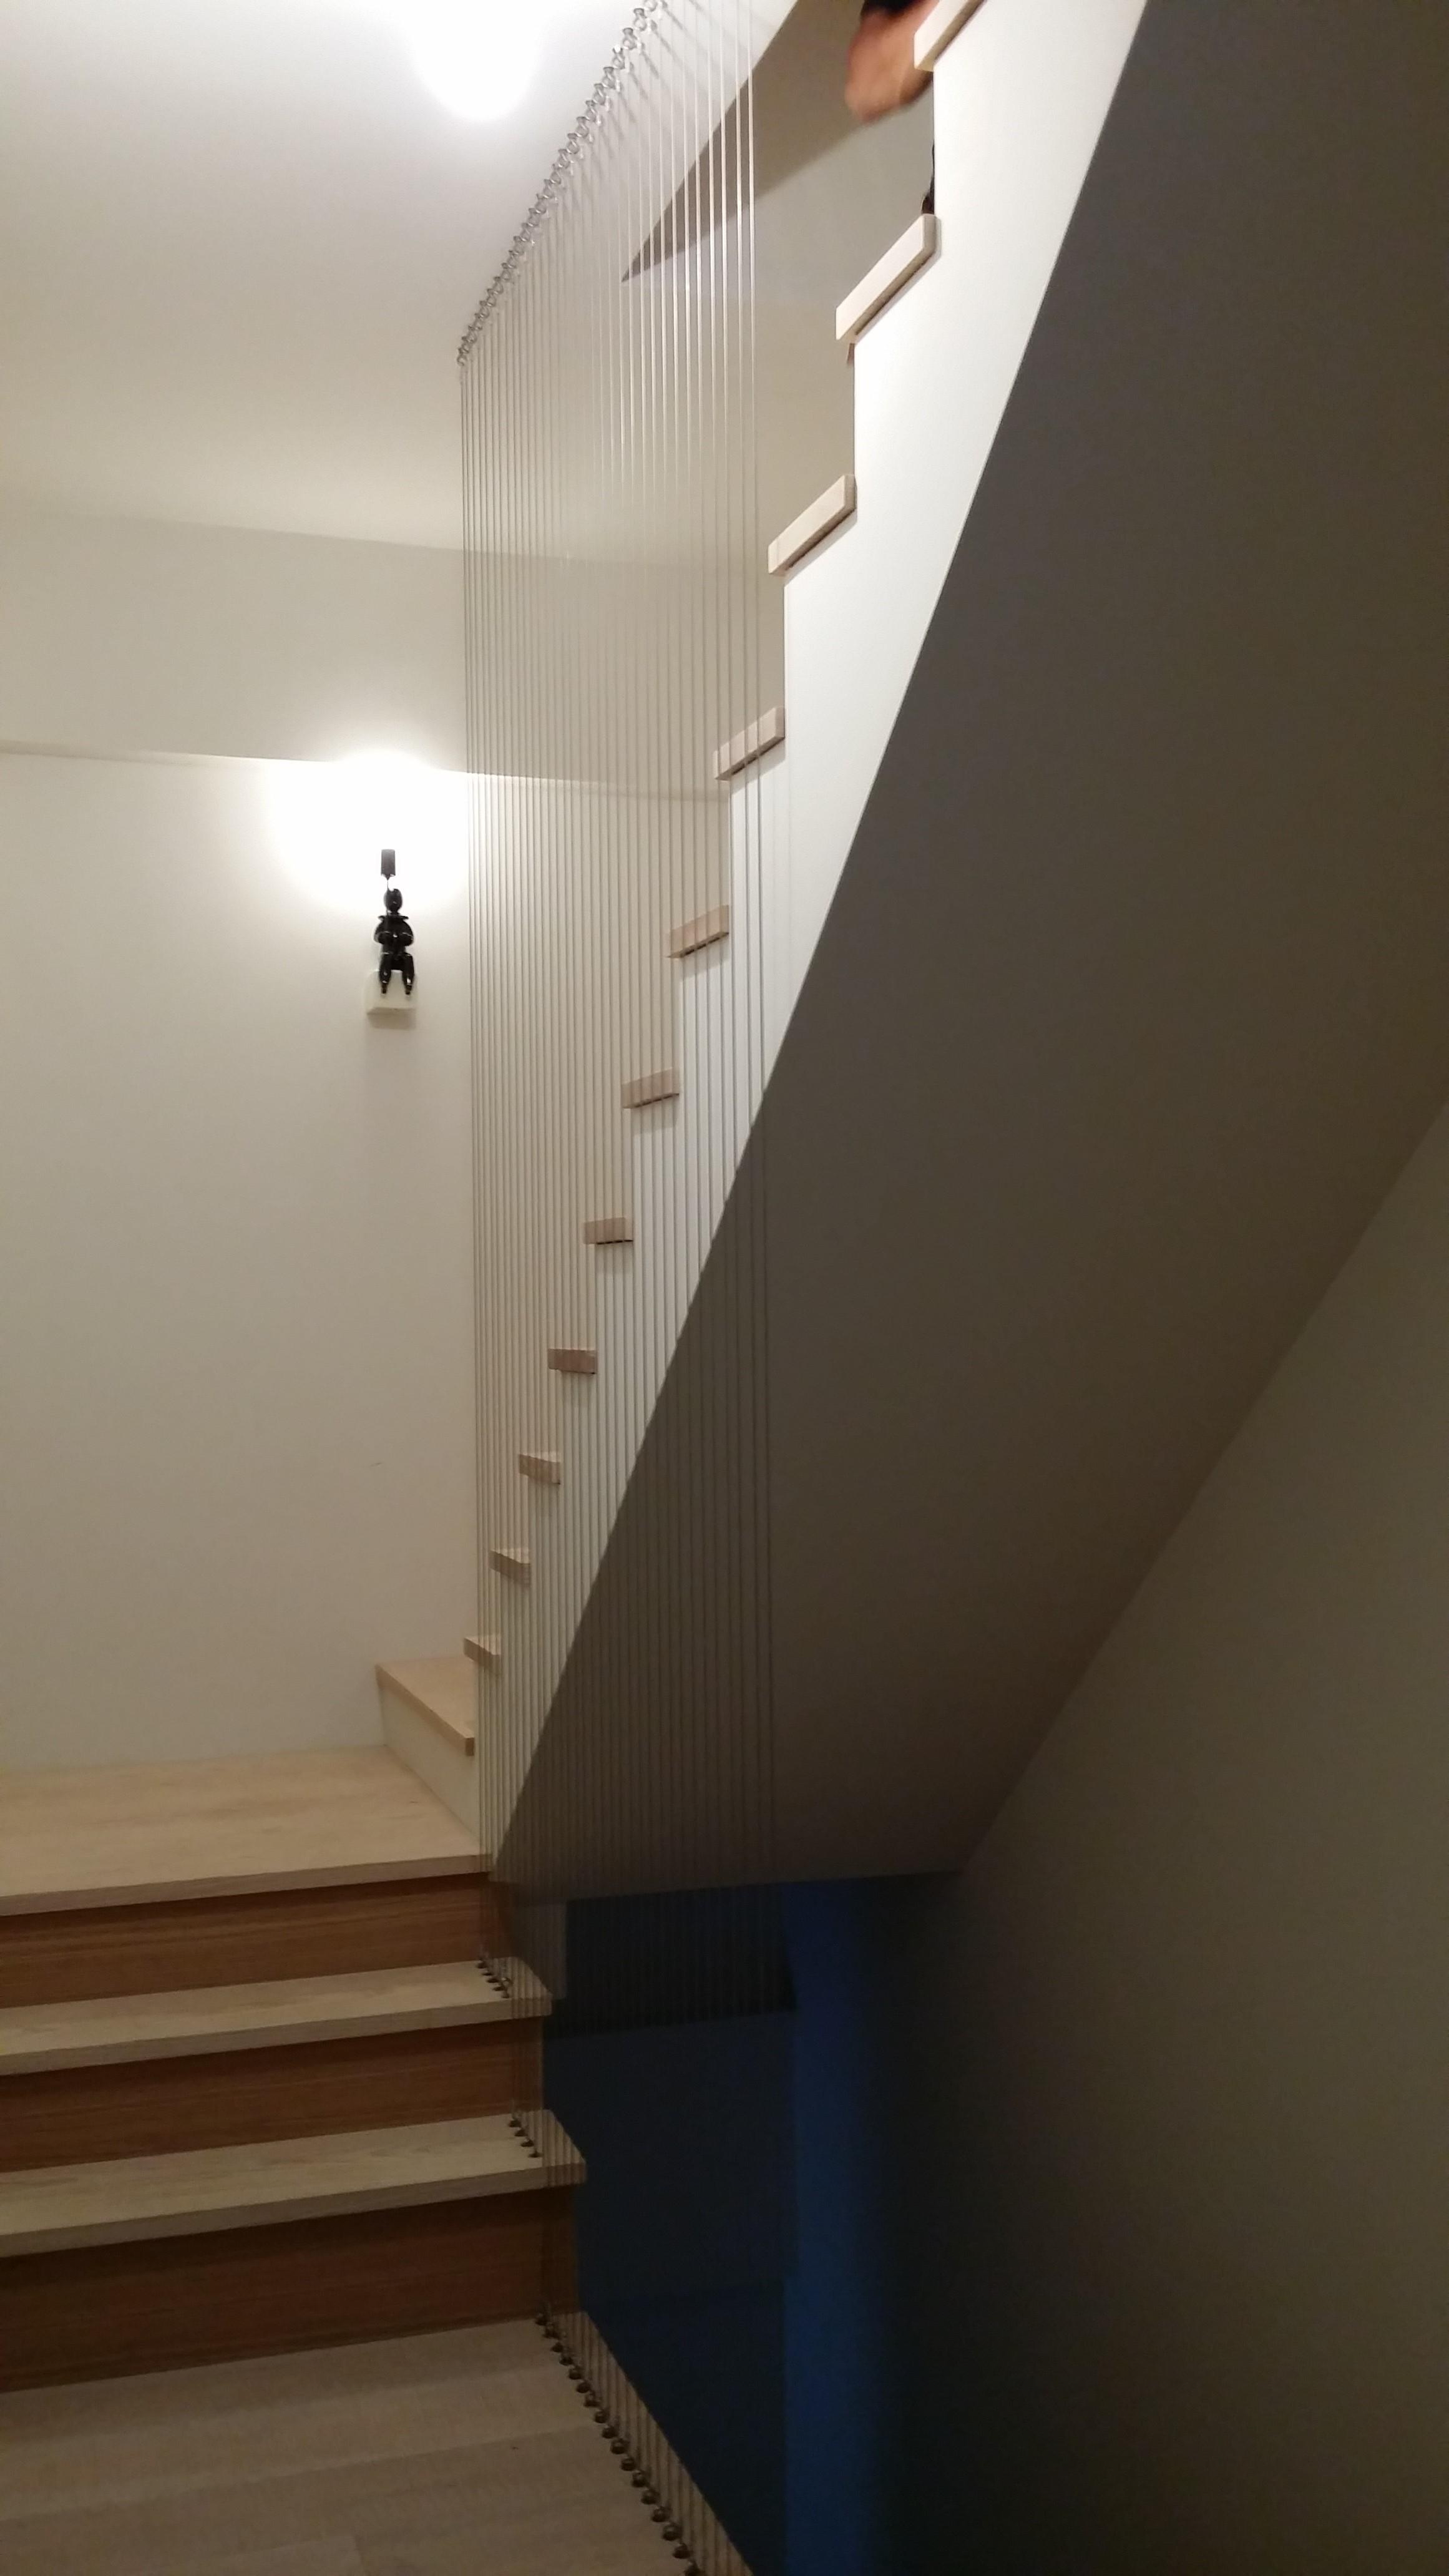 寵物、天井、梯間防墜